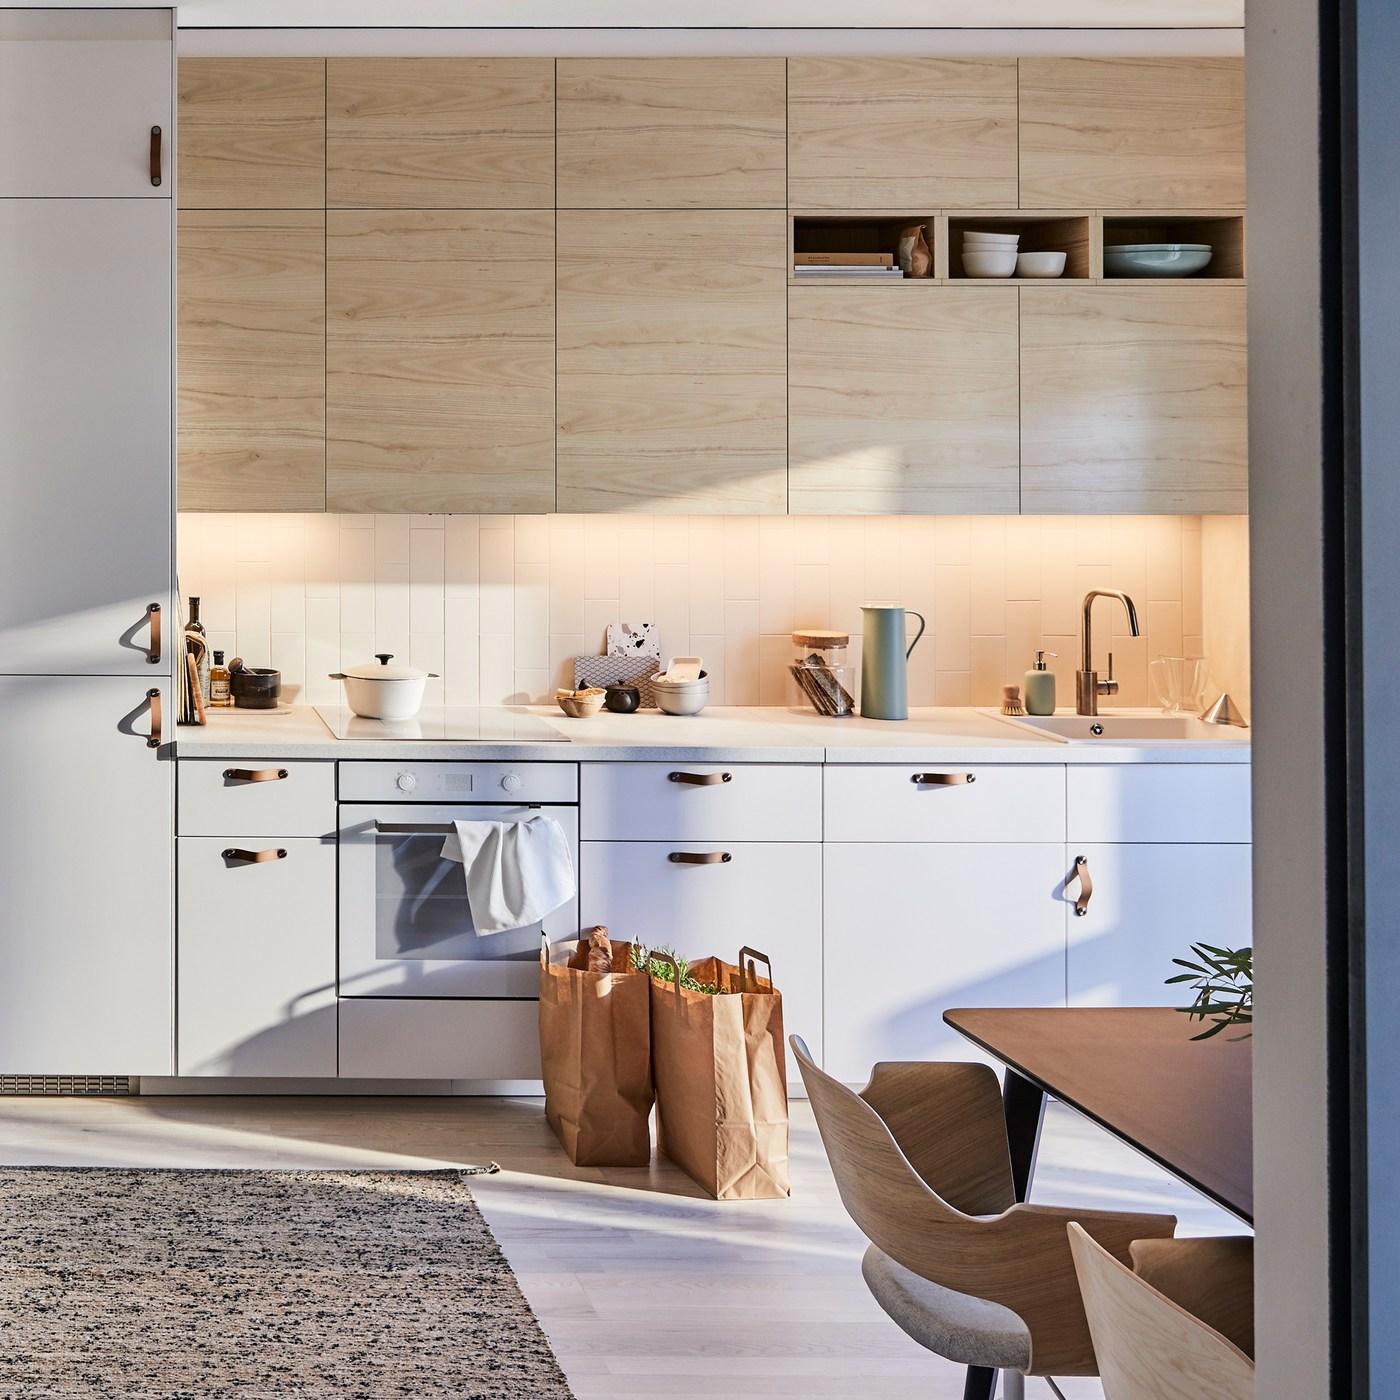 Full Size of Ikea Küche U Form Kchen Sofa Rund Mini Landhaus Insektenschutz Fenster Ohne Bohren Nischentür Dusche Einhebelmischer Was Kostet Eine Neue Holzhaus Kind Wohnzimmer Ikea Küche U Form